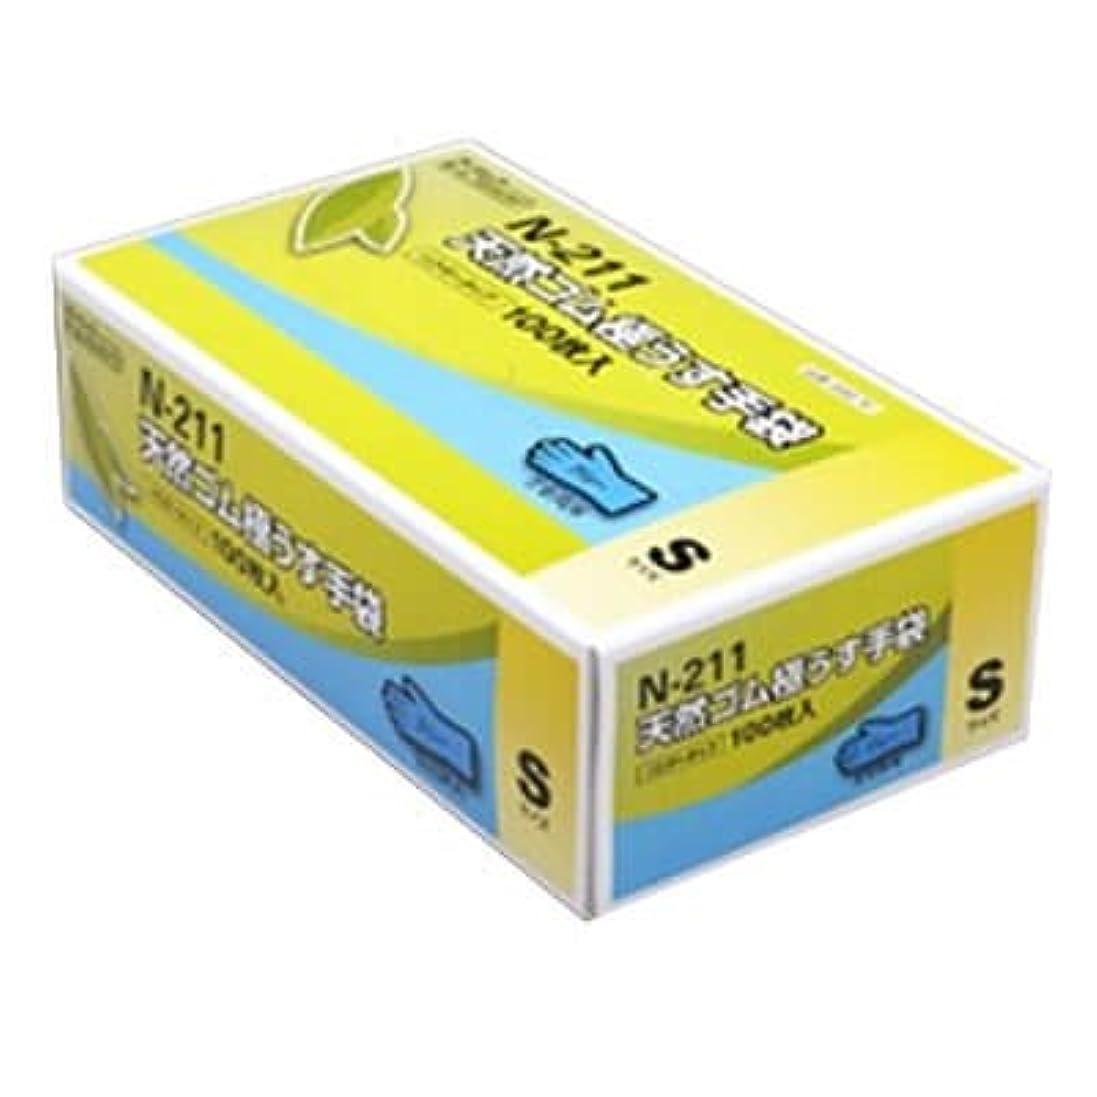 ナット移動夜【ケース販売】 ダンロップ 天然ゴム極うす手袋 N-211 S ブルー (100枚入×20箱)